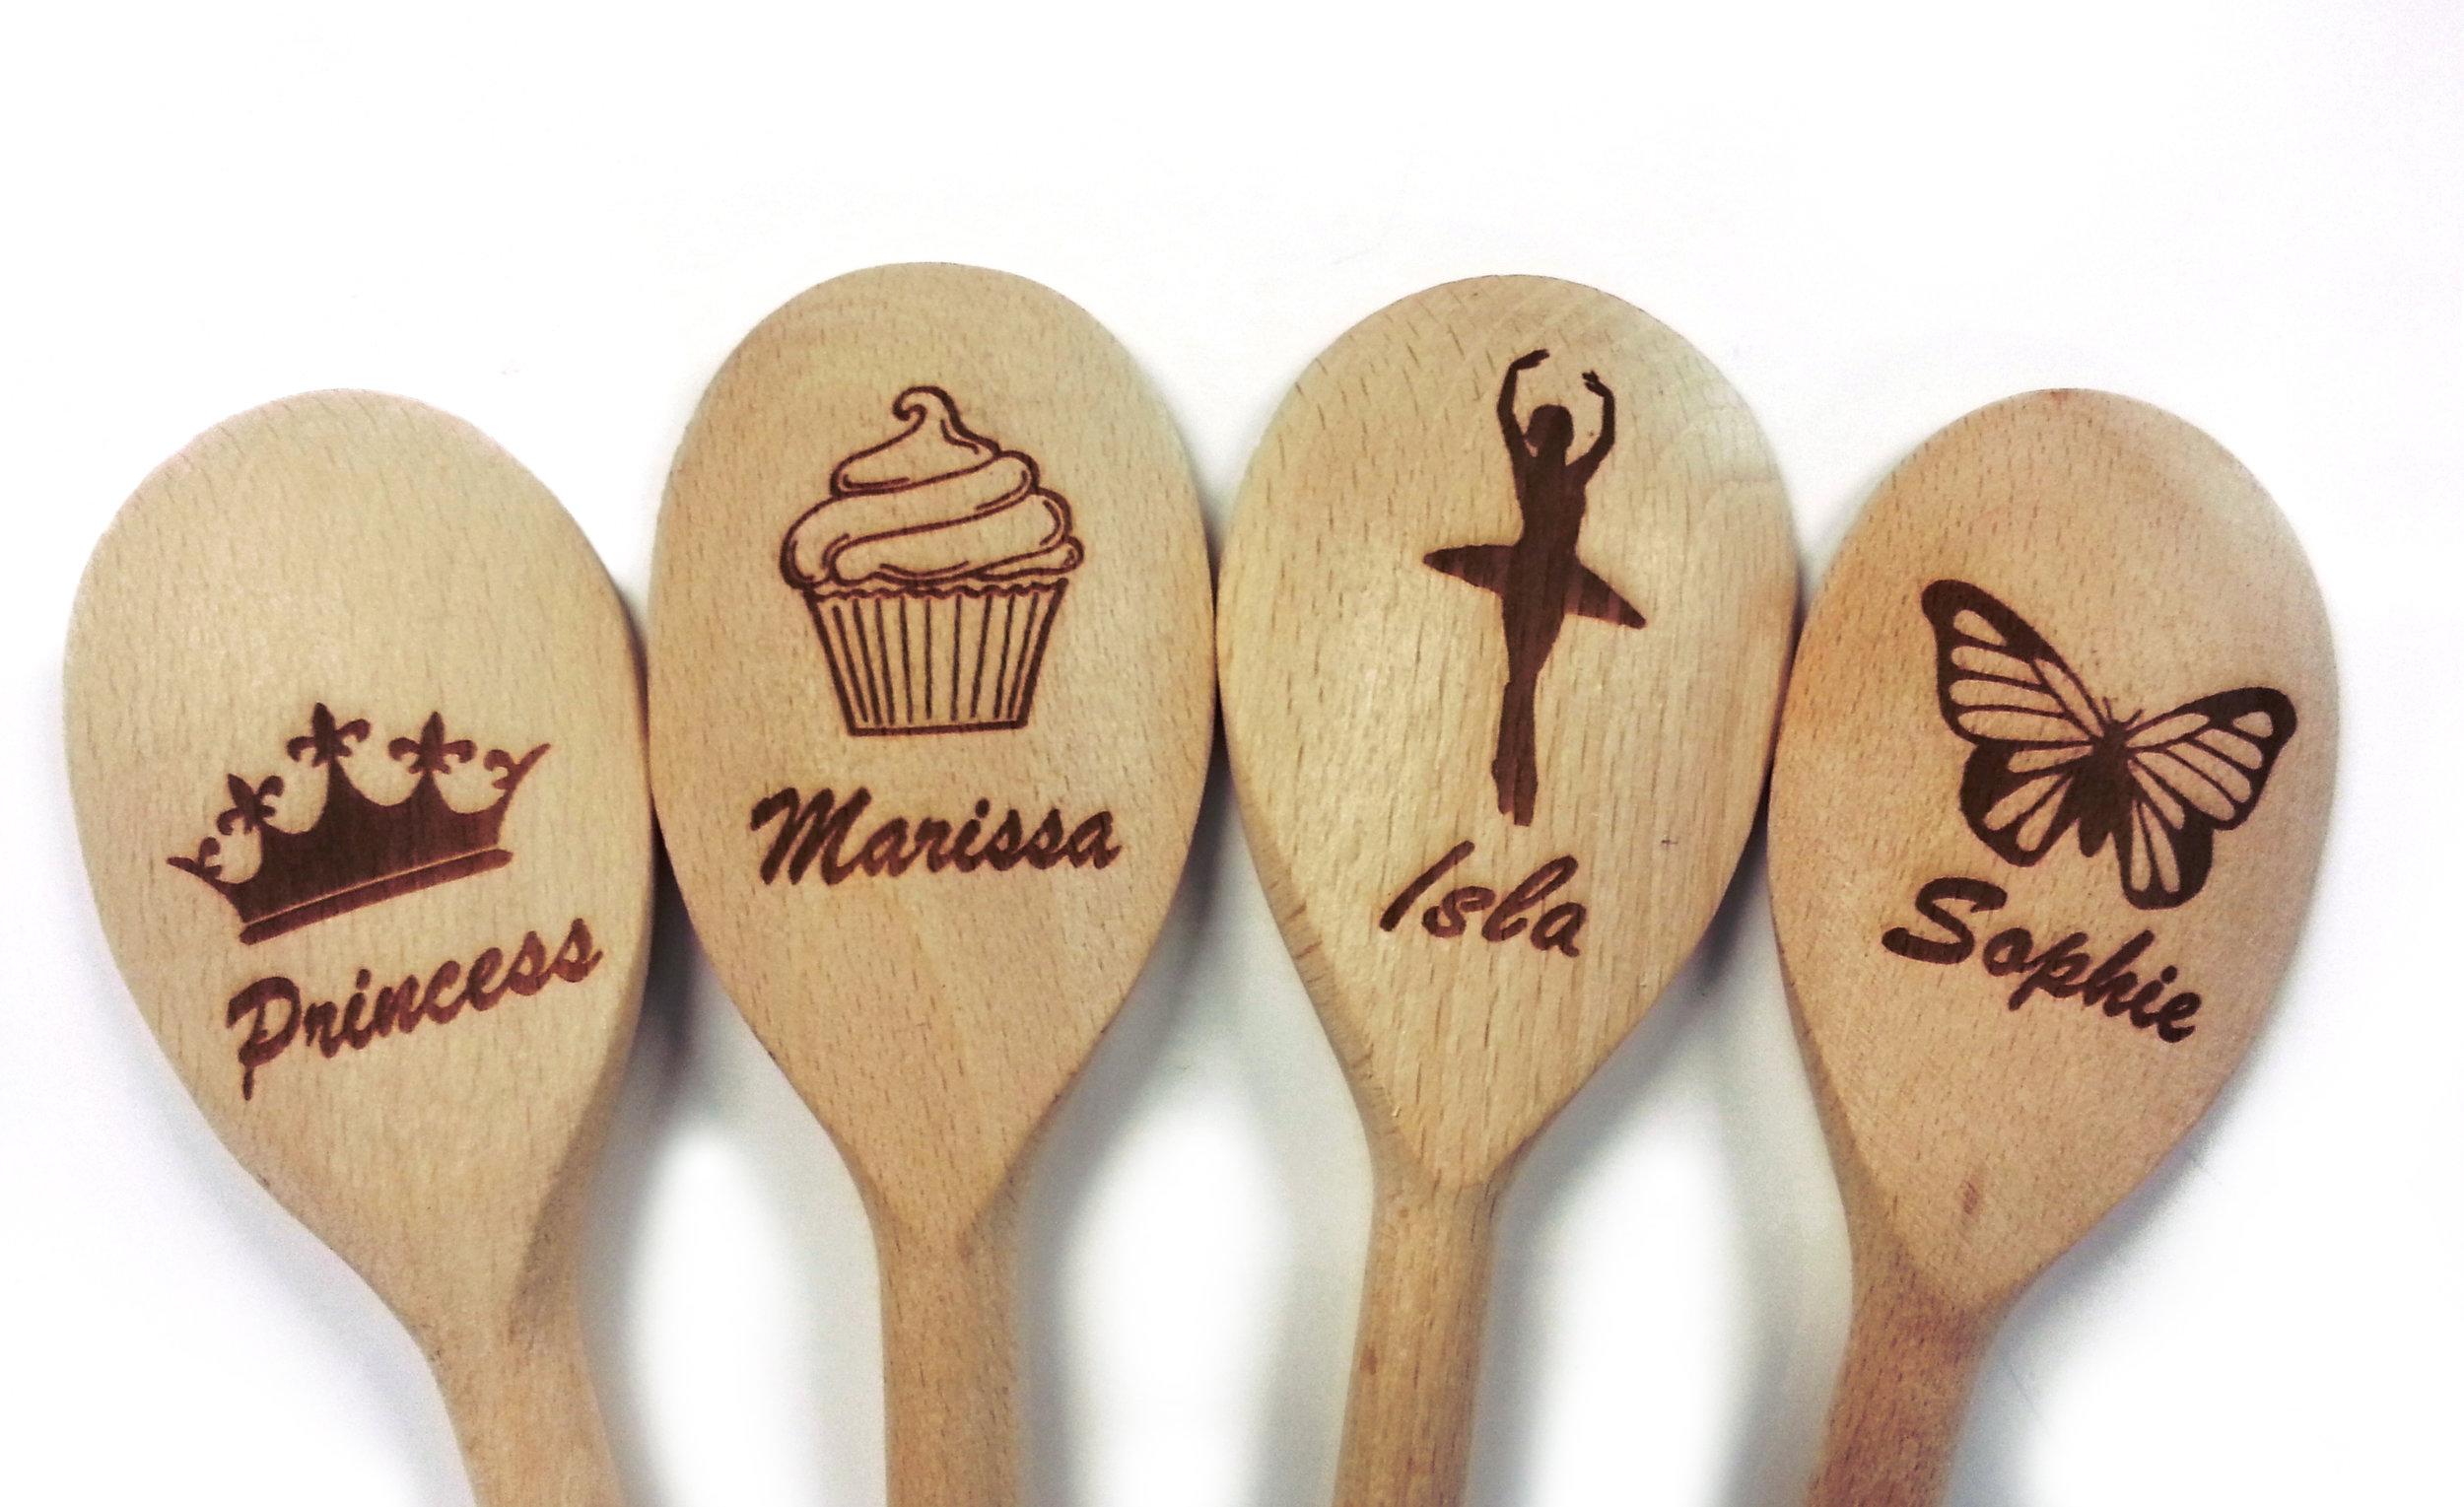 wodden spoons.jpg